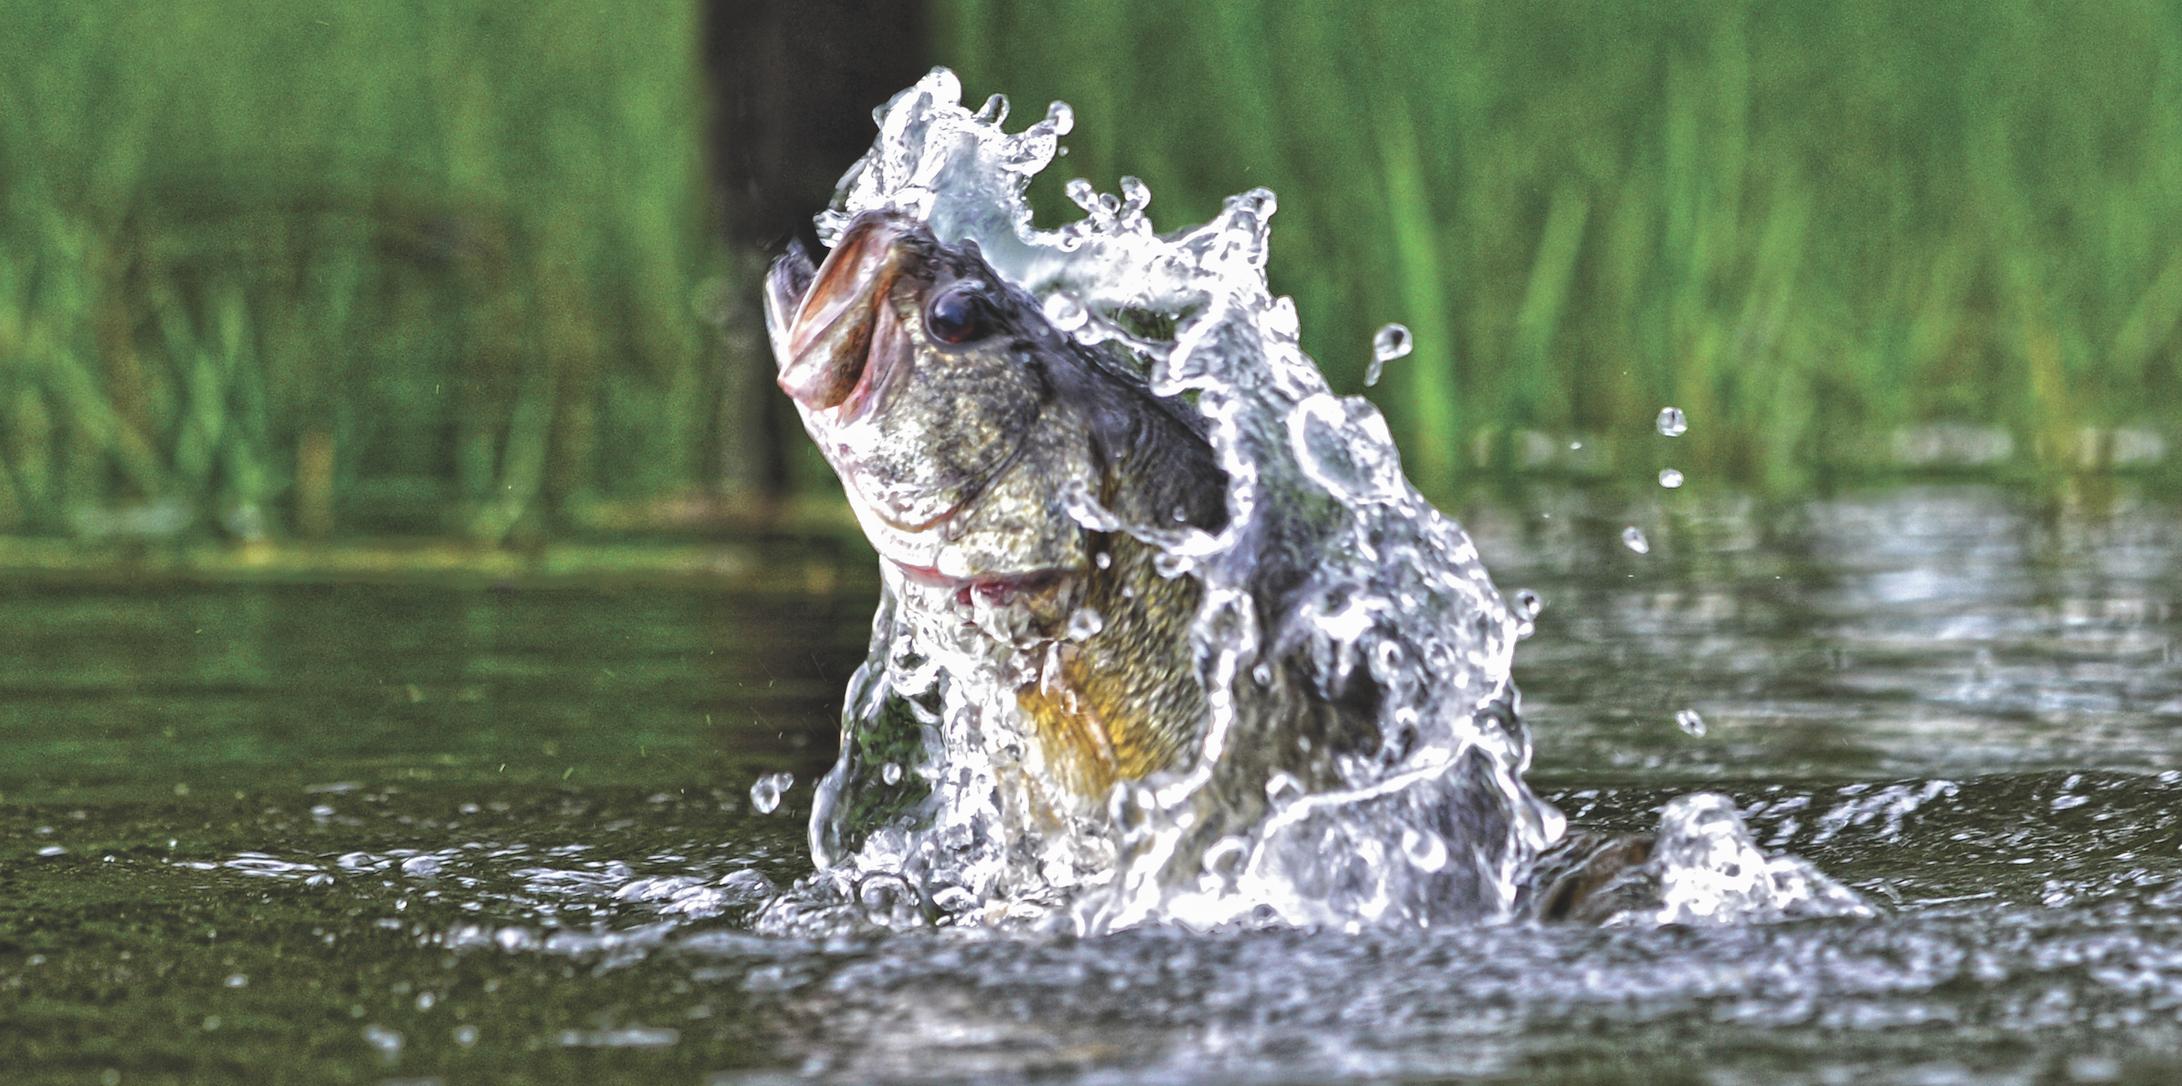 Freshwater fishing banner